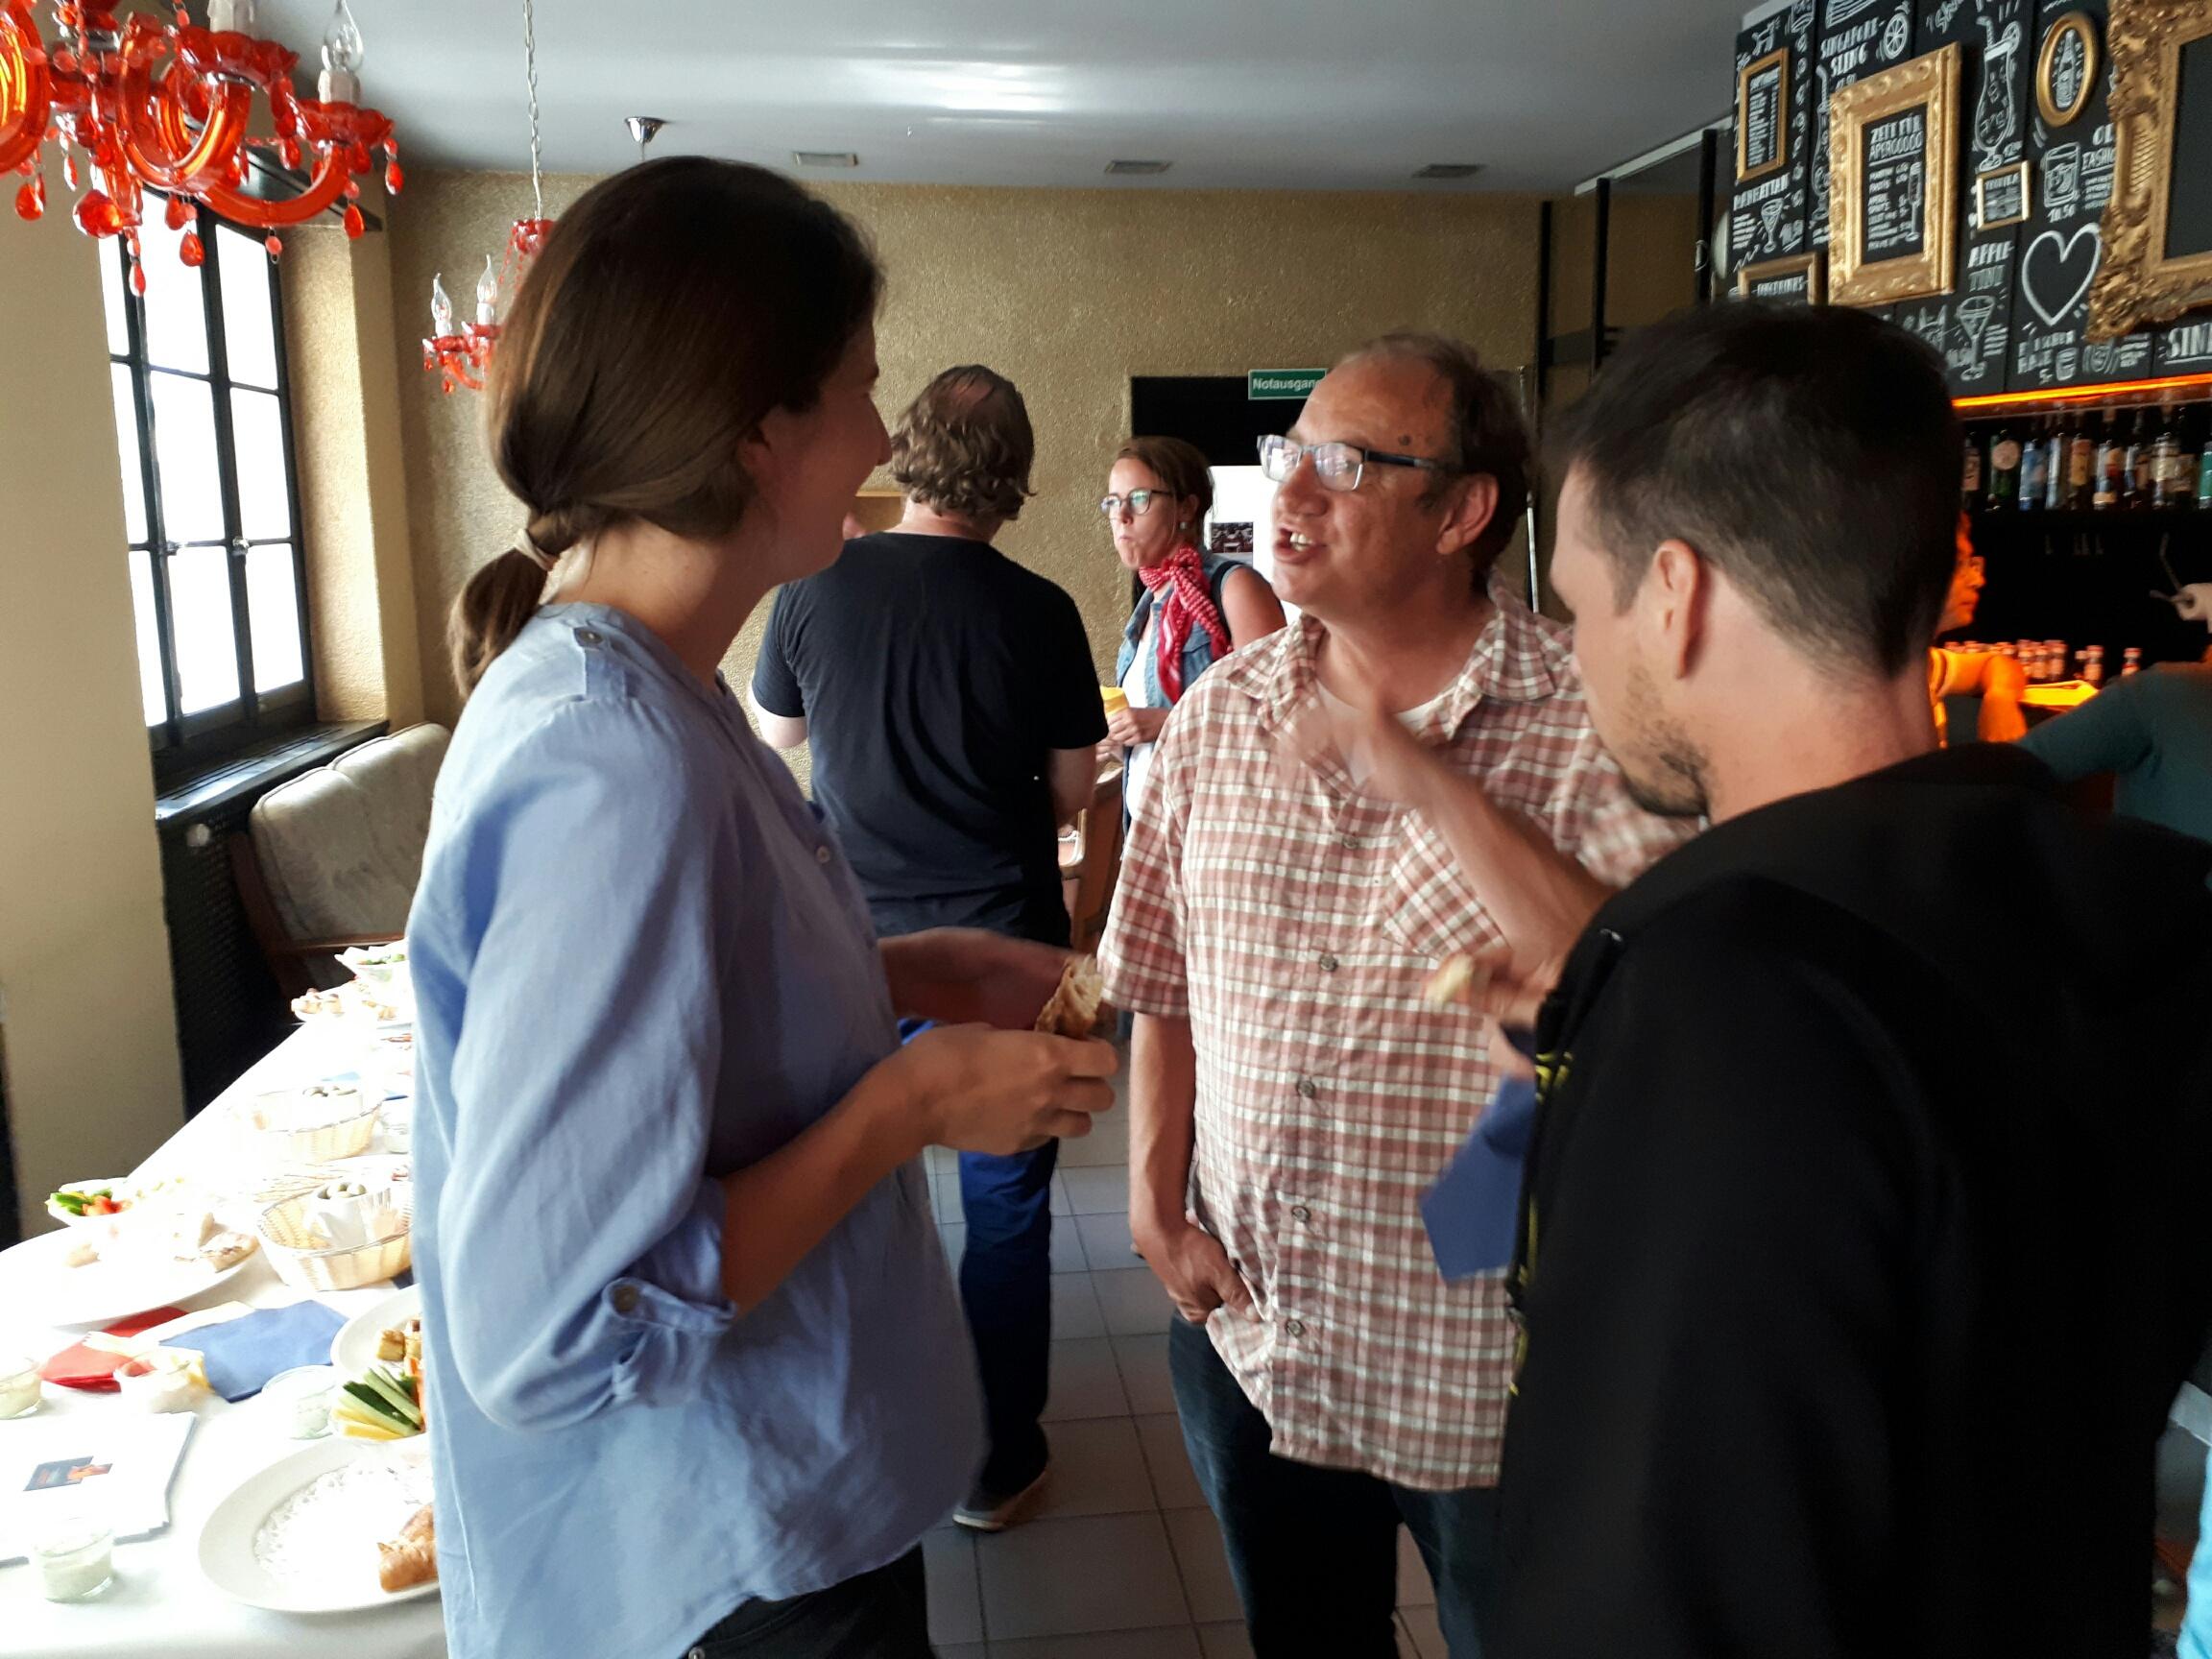 Gäste und infoklick.ch-Geschäftsleiter Markus Gander (Mitte) diskutieren über das Referat.